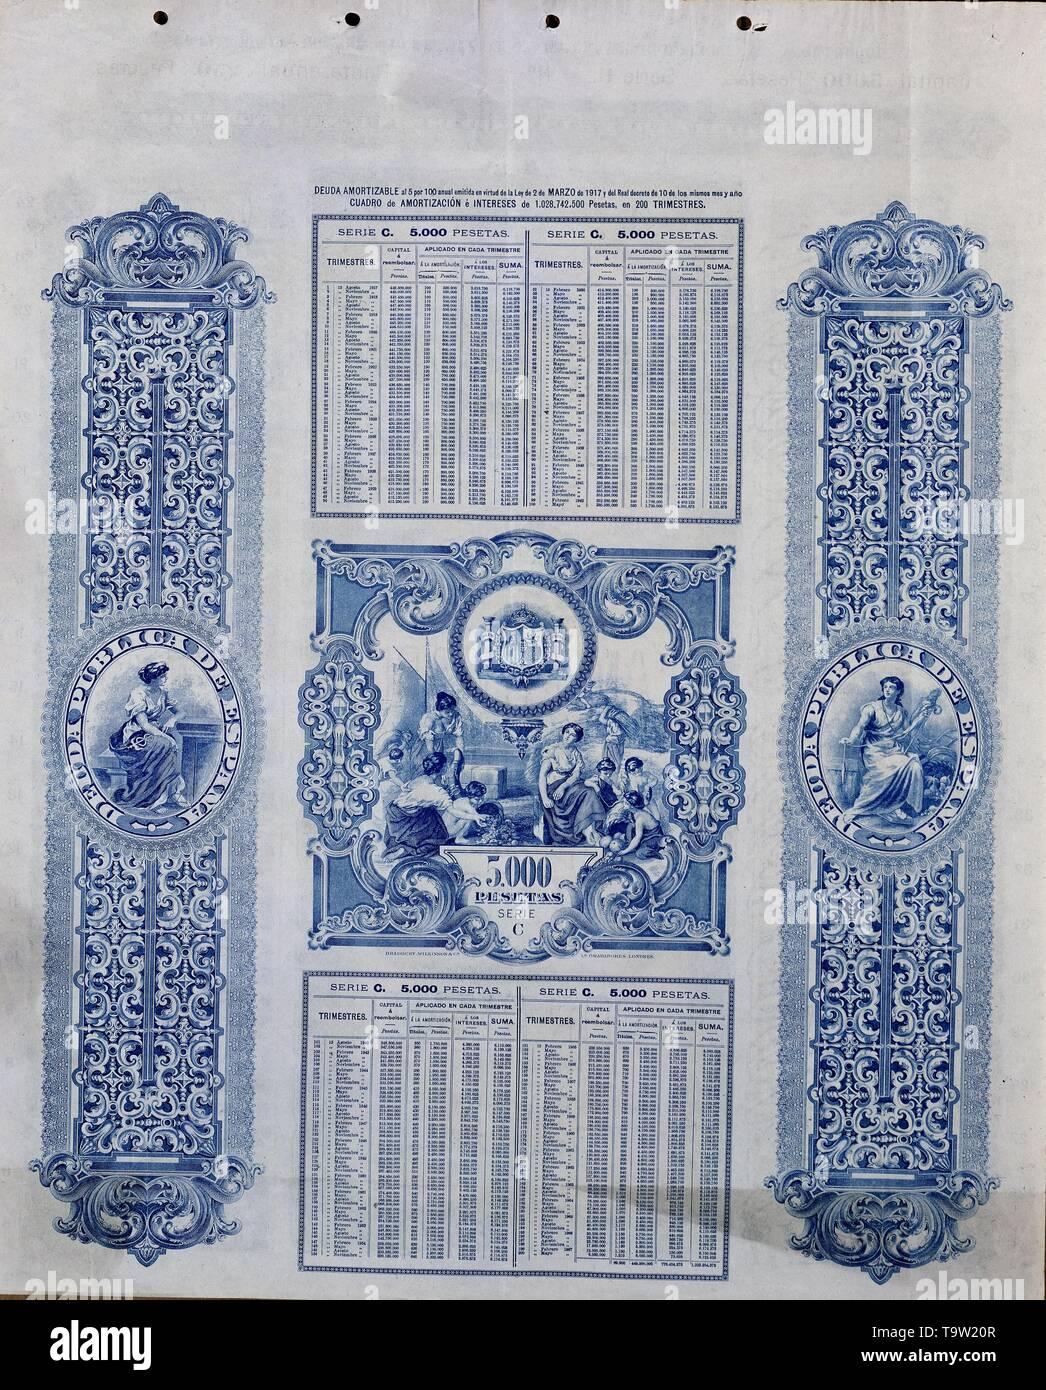 DEUDA AMORTIZABLE AL 5% ANUAL 2 MAYO 1917 5000 PTS. Location: BOLSA DE COMERCIO-COLECCION. MADRID. SPAIN. - Stock Image